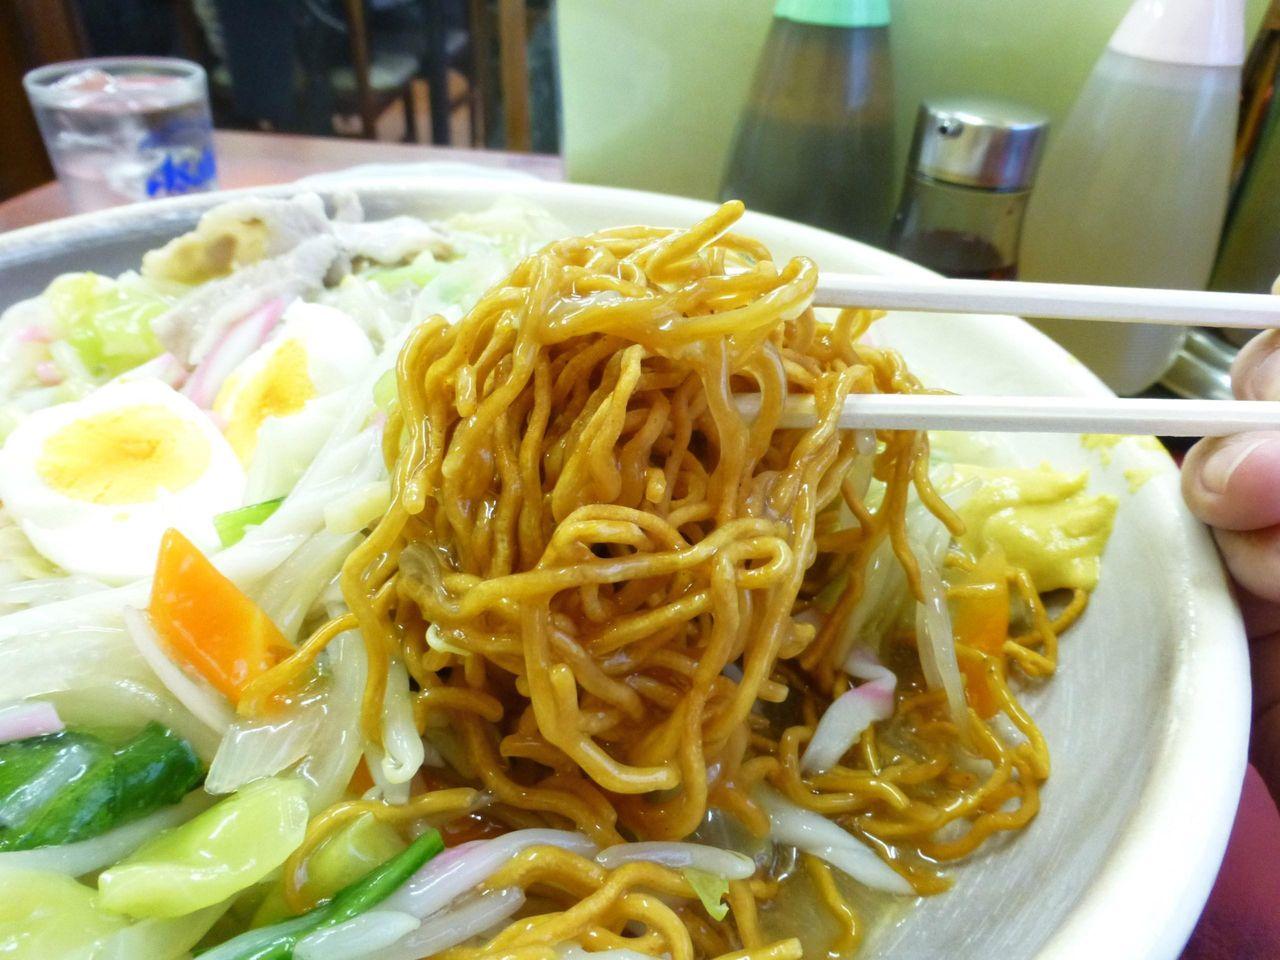 餡かけを掘り起こすと、油で揚げた中太麺が姿を現します!